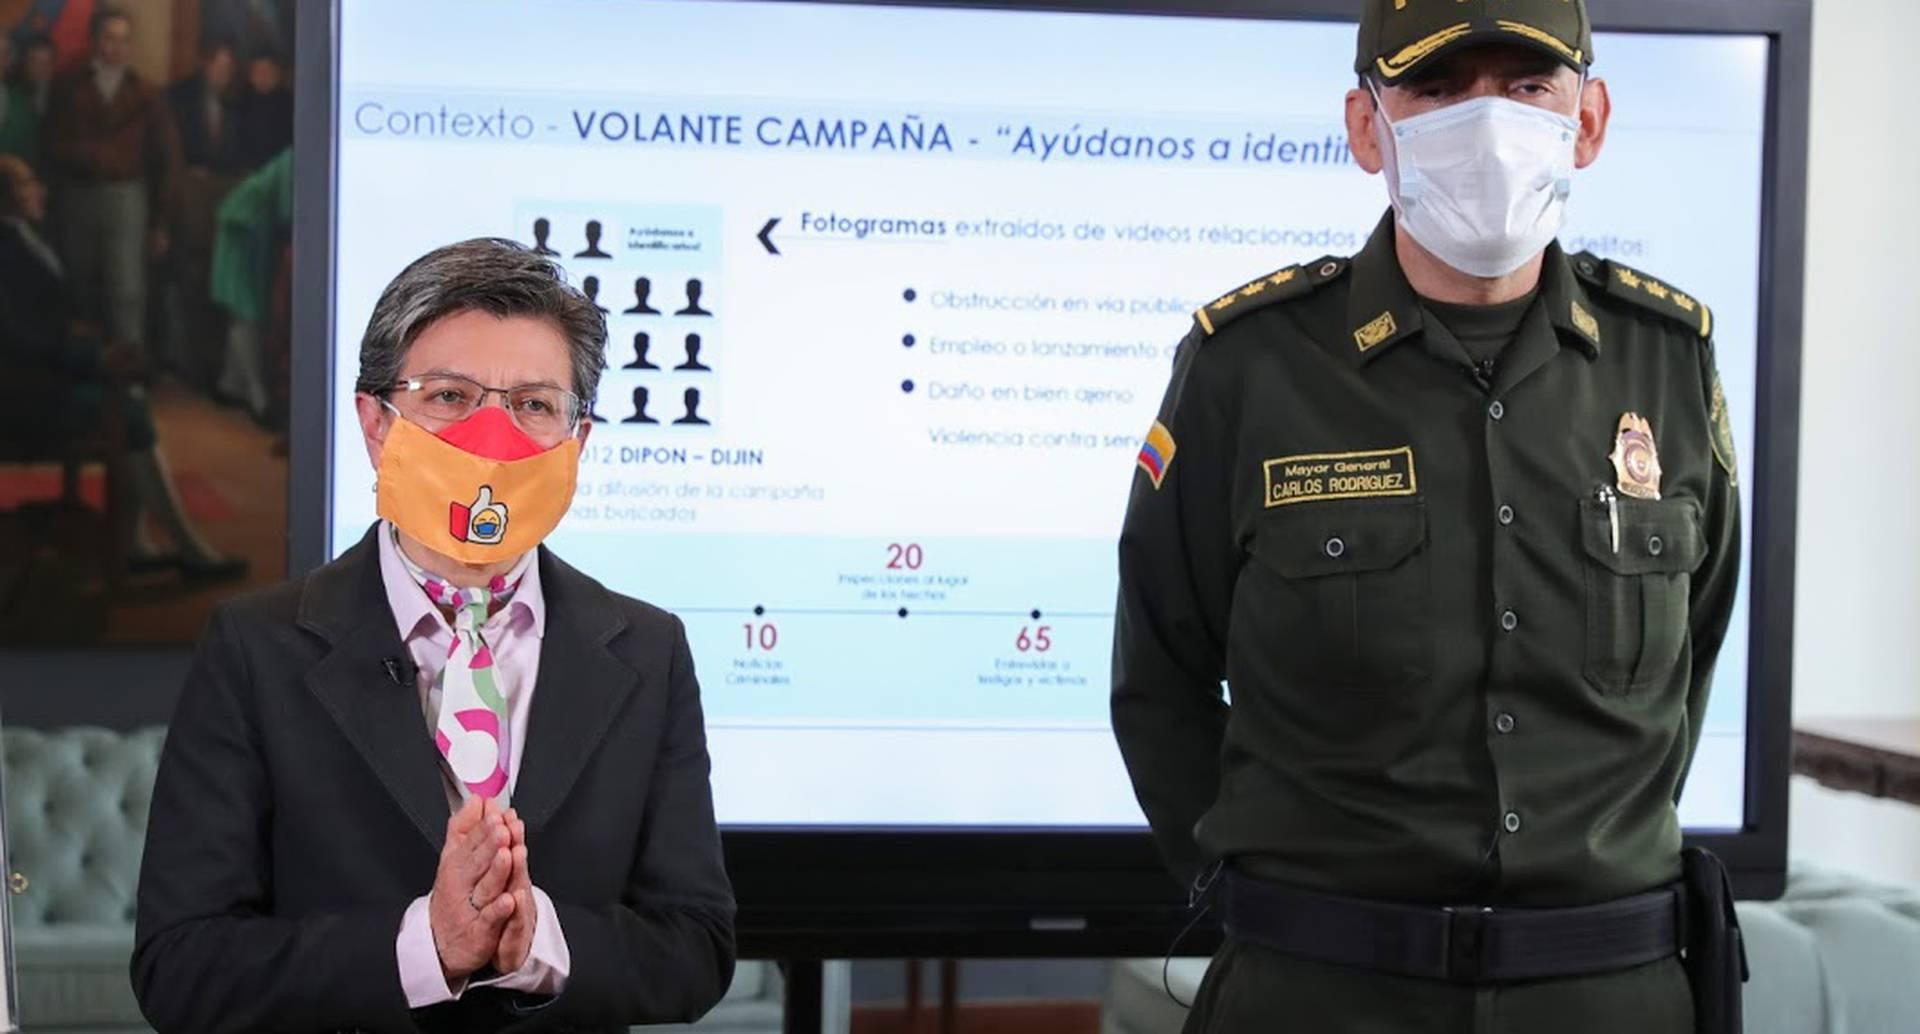 Declaraciones conjuntas de la alcaldesa Claudia López y el comandante encargado de la Policía Metropolitana de Bogotá